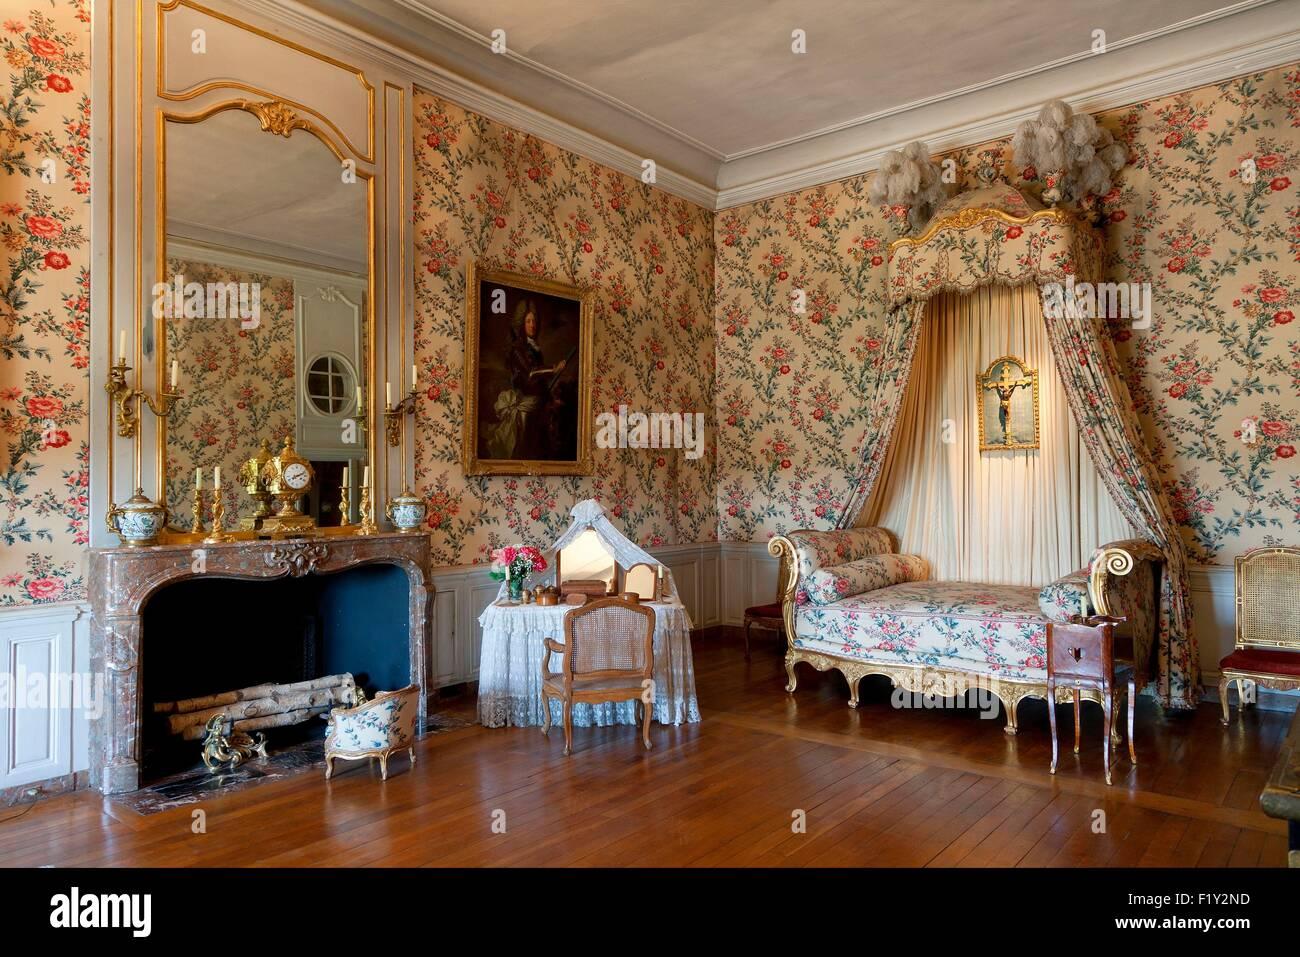 Louis Xiv Bedroom Stockfotos & Louis Xiv Bedroom Bilder - Alamy